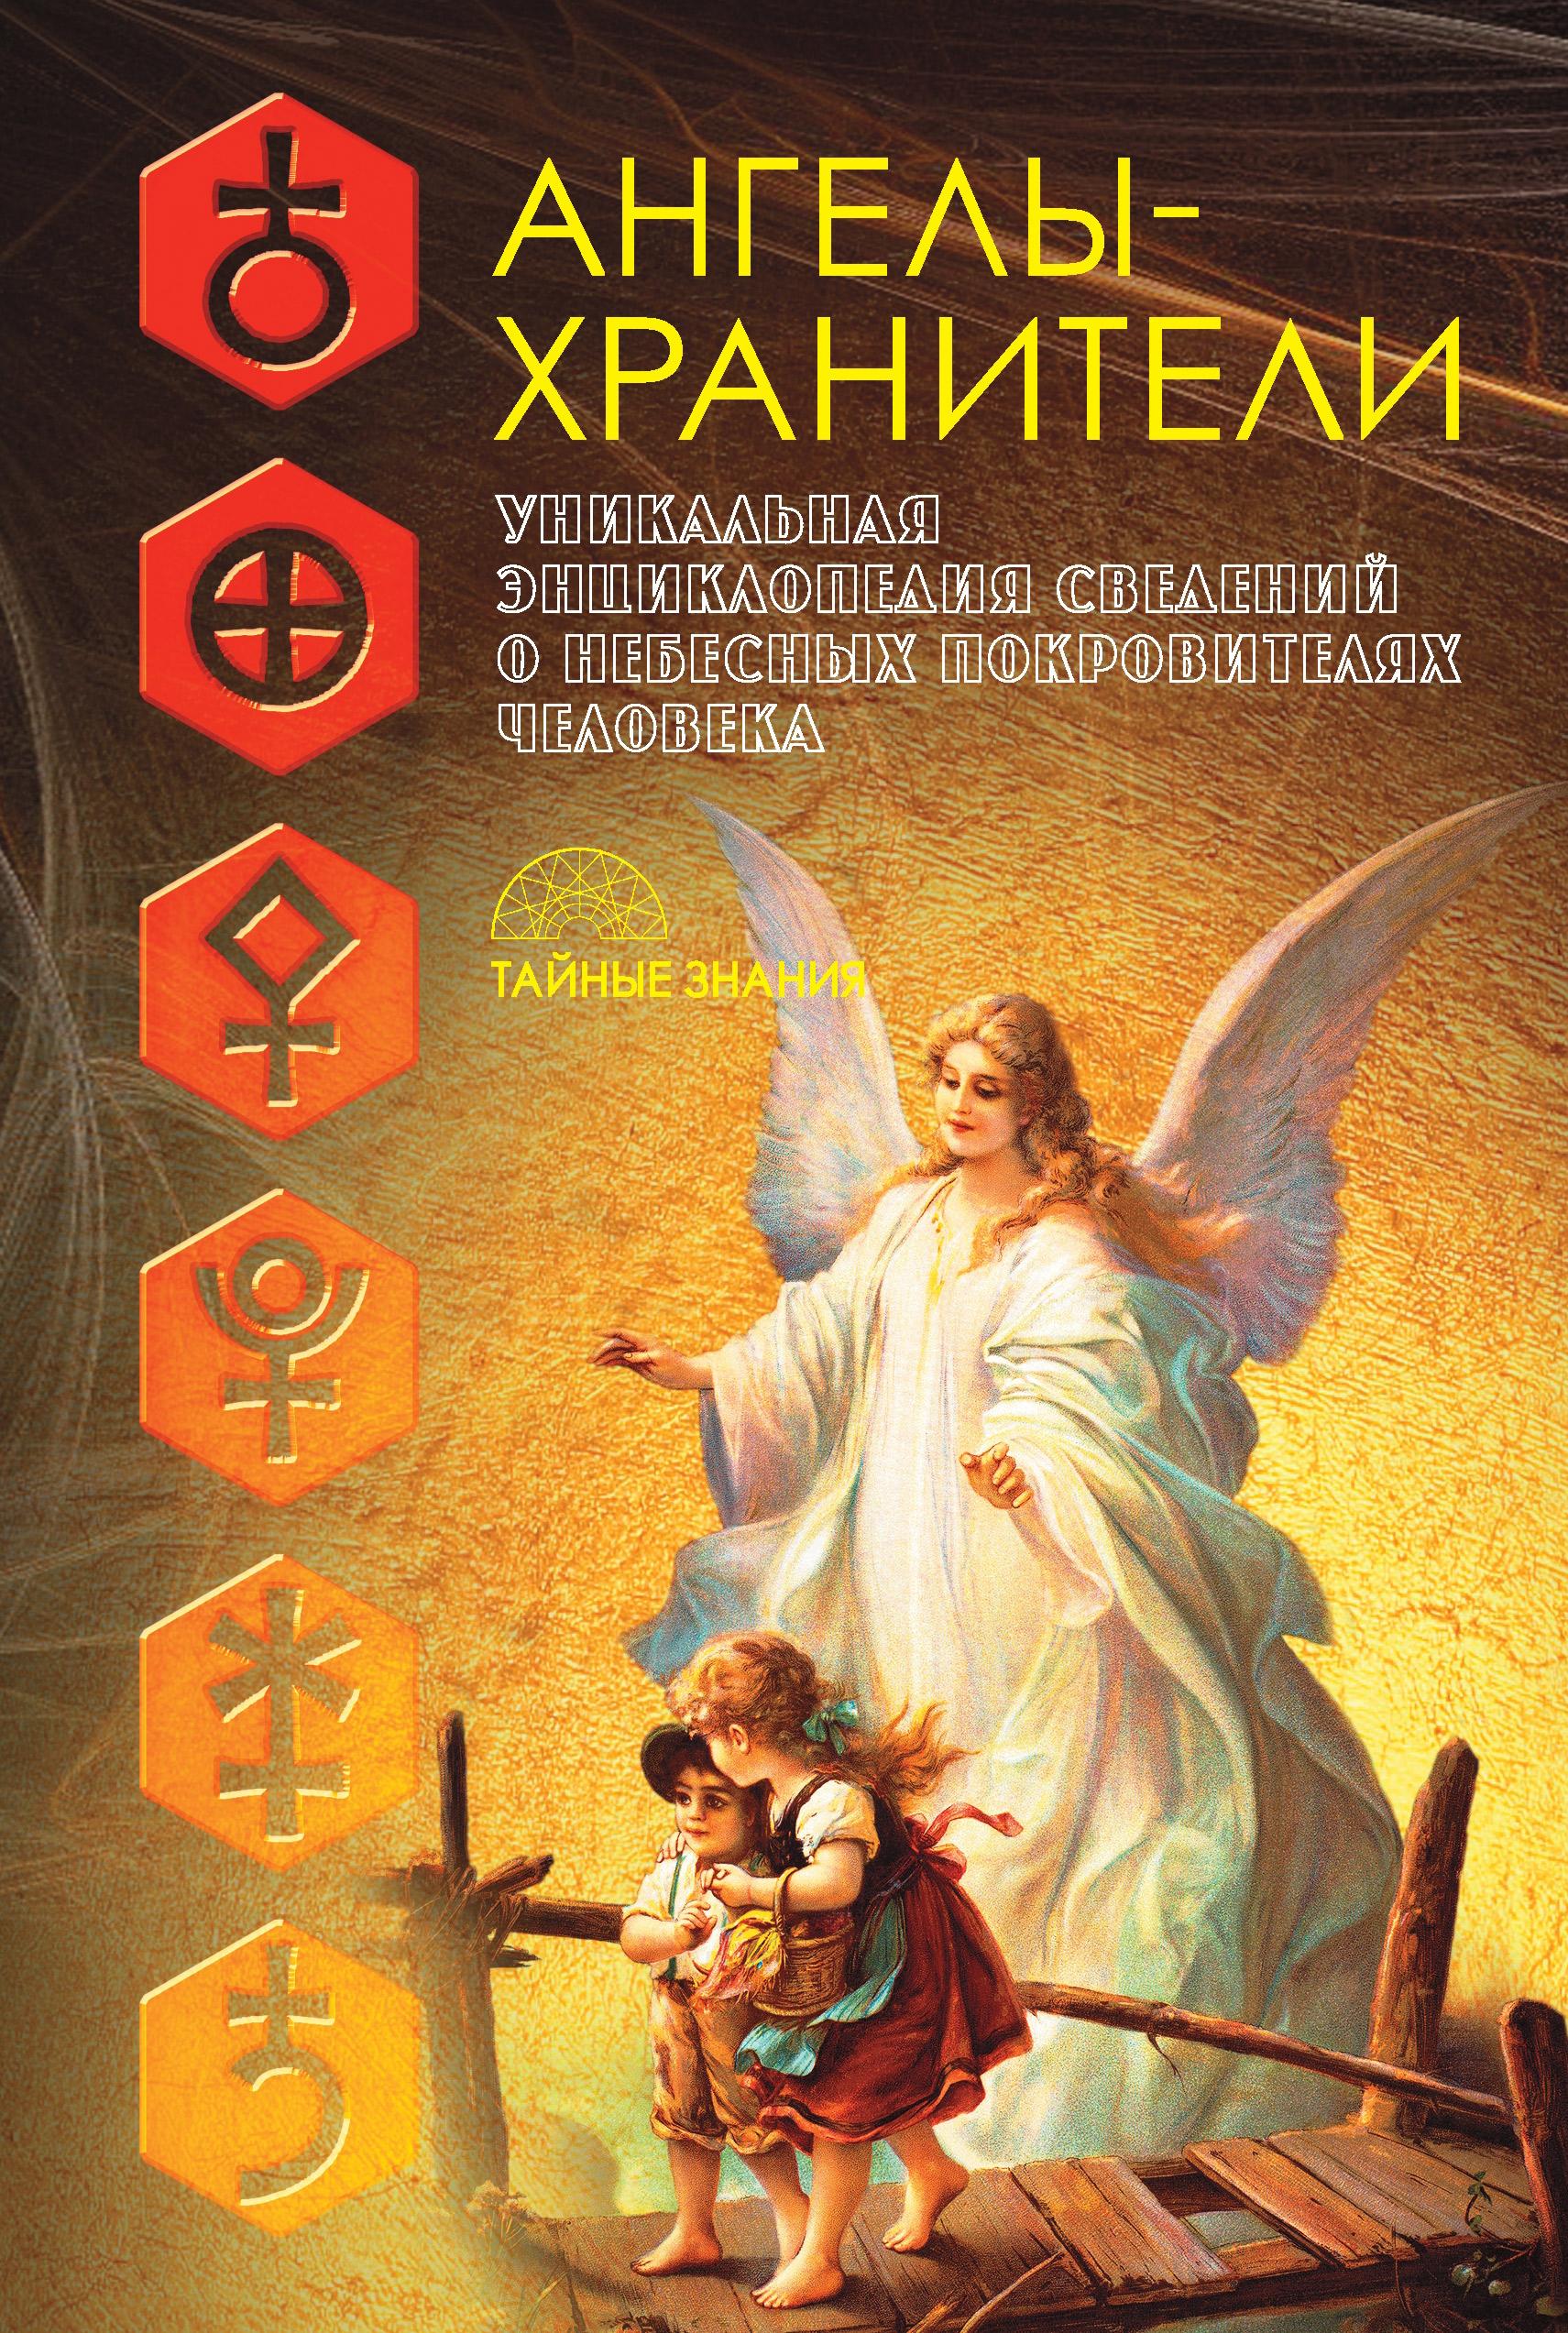 Ангелы-хранители. Уникальная энциклопедия сведений о небесных покровителях человека